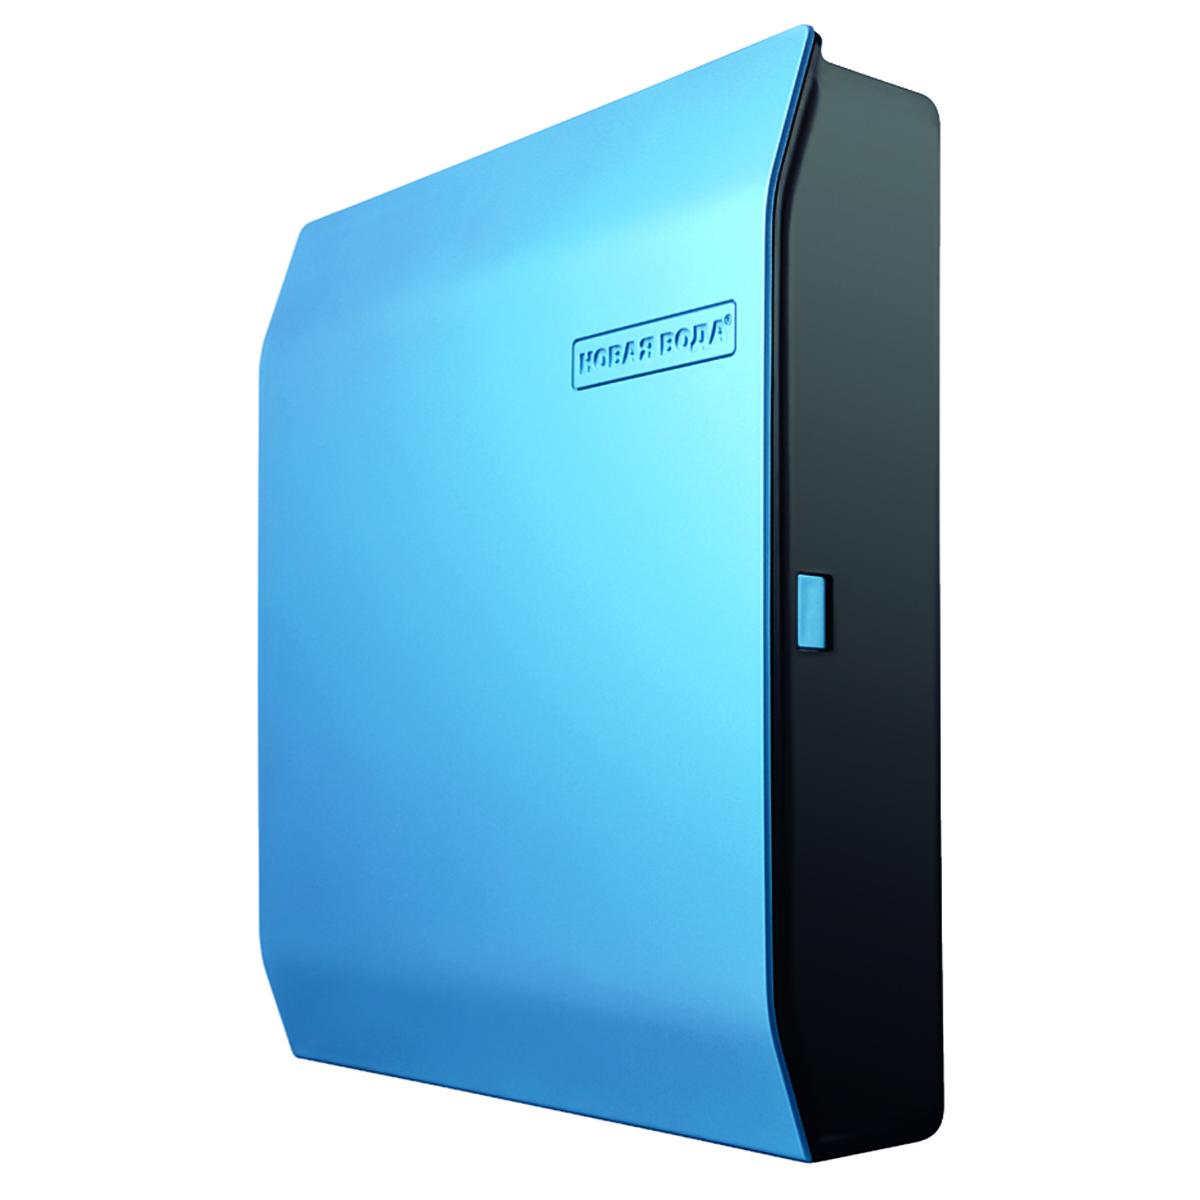 Фильтр для воды Prio Expert. M312, суперкомпактный 5-ого поколения68/5/3Тип фильтра: Система под мойку. Фильтры под мойку нового поколения Expert — настоящий прорыв в области очистки воды благодаря совершенному дизайну, быстросъемным картриджам и инновационным технологиям очистки воды.Многоступенчатые системы Expert занимают на 50% меньше места, чем традиционные системы, они имеют тонкий корпус — всего 8,5 см — и обладают ультрасовременным дизайном.Это позволяет:- разместить фильтр под мойкой, не занимая при этом много места- быть уверенным в том, что фильтр не будет поврежден при размещении под мойкой посуды и хоз.принадлежностей (например, мусорного ведра)- разместить фильтр на открытом пространстве над, либо рядом с мойкой, восхищая гостей превосходным дизайном системы и облегчая доступ к ней при смене картриджей- устанавливать фильтр горизонтально (например, закрепляя к верхней части шкафа под мойкой), делая его практически незаметнымИспользование: очистка от механических примесей (ржавчины, ила, песка и т.п.), растворенных примесей, таких как свободного хлора, хлорорганических соединений, пестицидов, гербицидов, сельскохозяйственных удобрений и продуктов их распада, фенолов, нефтепродуктов, алюминия, тяжелых металлов, радиоактивных элементов, солей жесткости и иных органических и неорганических веществ. Предназначение: Для регионов с водой, характеризующейся повышенным содержанием двухвалентного (растворенного) железа. Эксклюзивная разработка Prio, не имеющая аналогов - использование уникальных картриджей:-отсутствиеголовы, в которой в процессе многолетней эксплуатации могут скапливаться загрязнение - гарантирует Вам кристально чистую воду даже через 10 лет эксплуатации- только у фильтров Expert картриджи имеют вход и выход на противоположных концах картриджа - вкупе с фирменной технологией Invortex (движение воды внутри фильтра по спирали) это не только повышает качество очистки, но и увеличивает ресурс картриджа до 2х раз по сравнению с традиционными системам